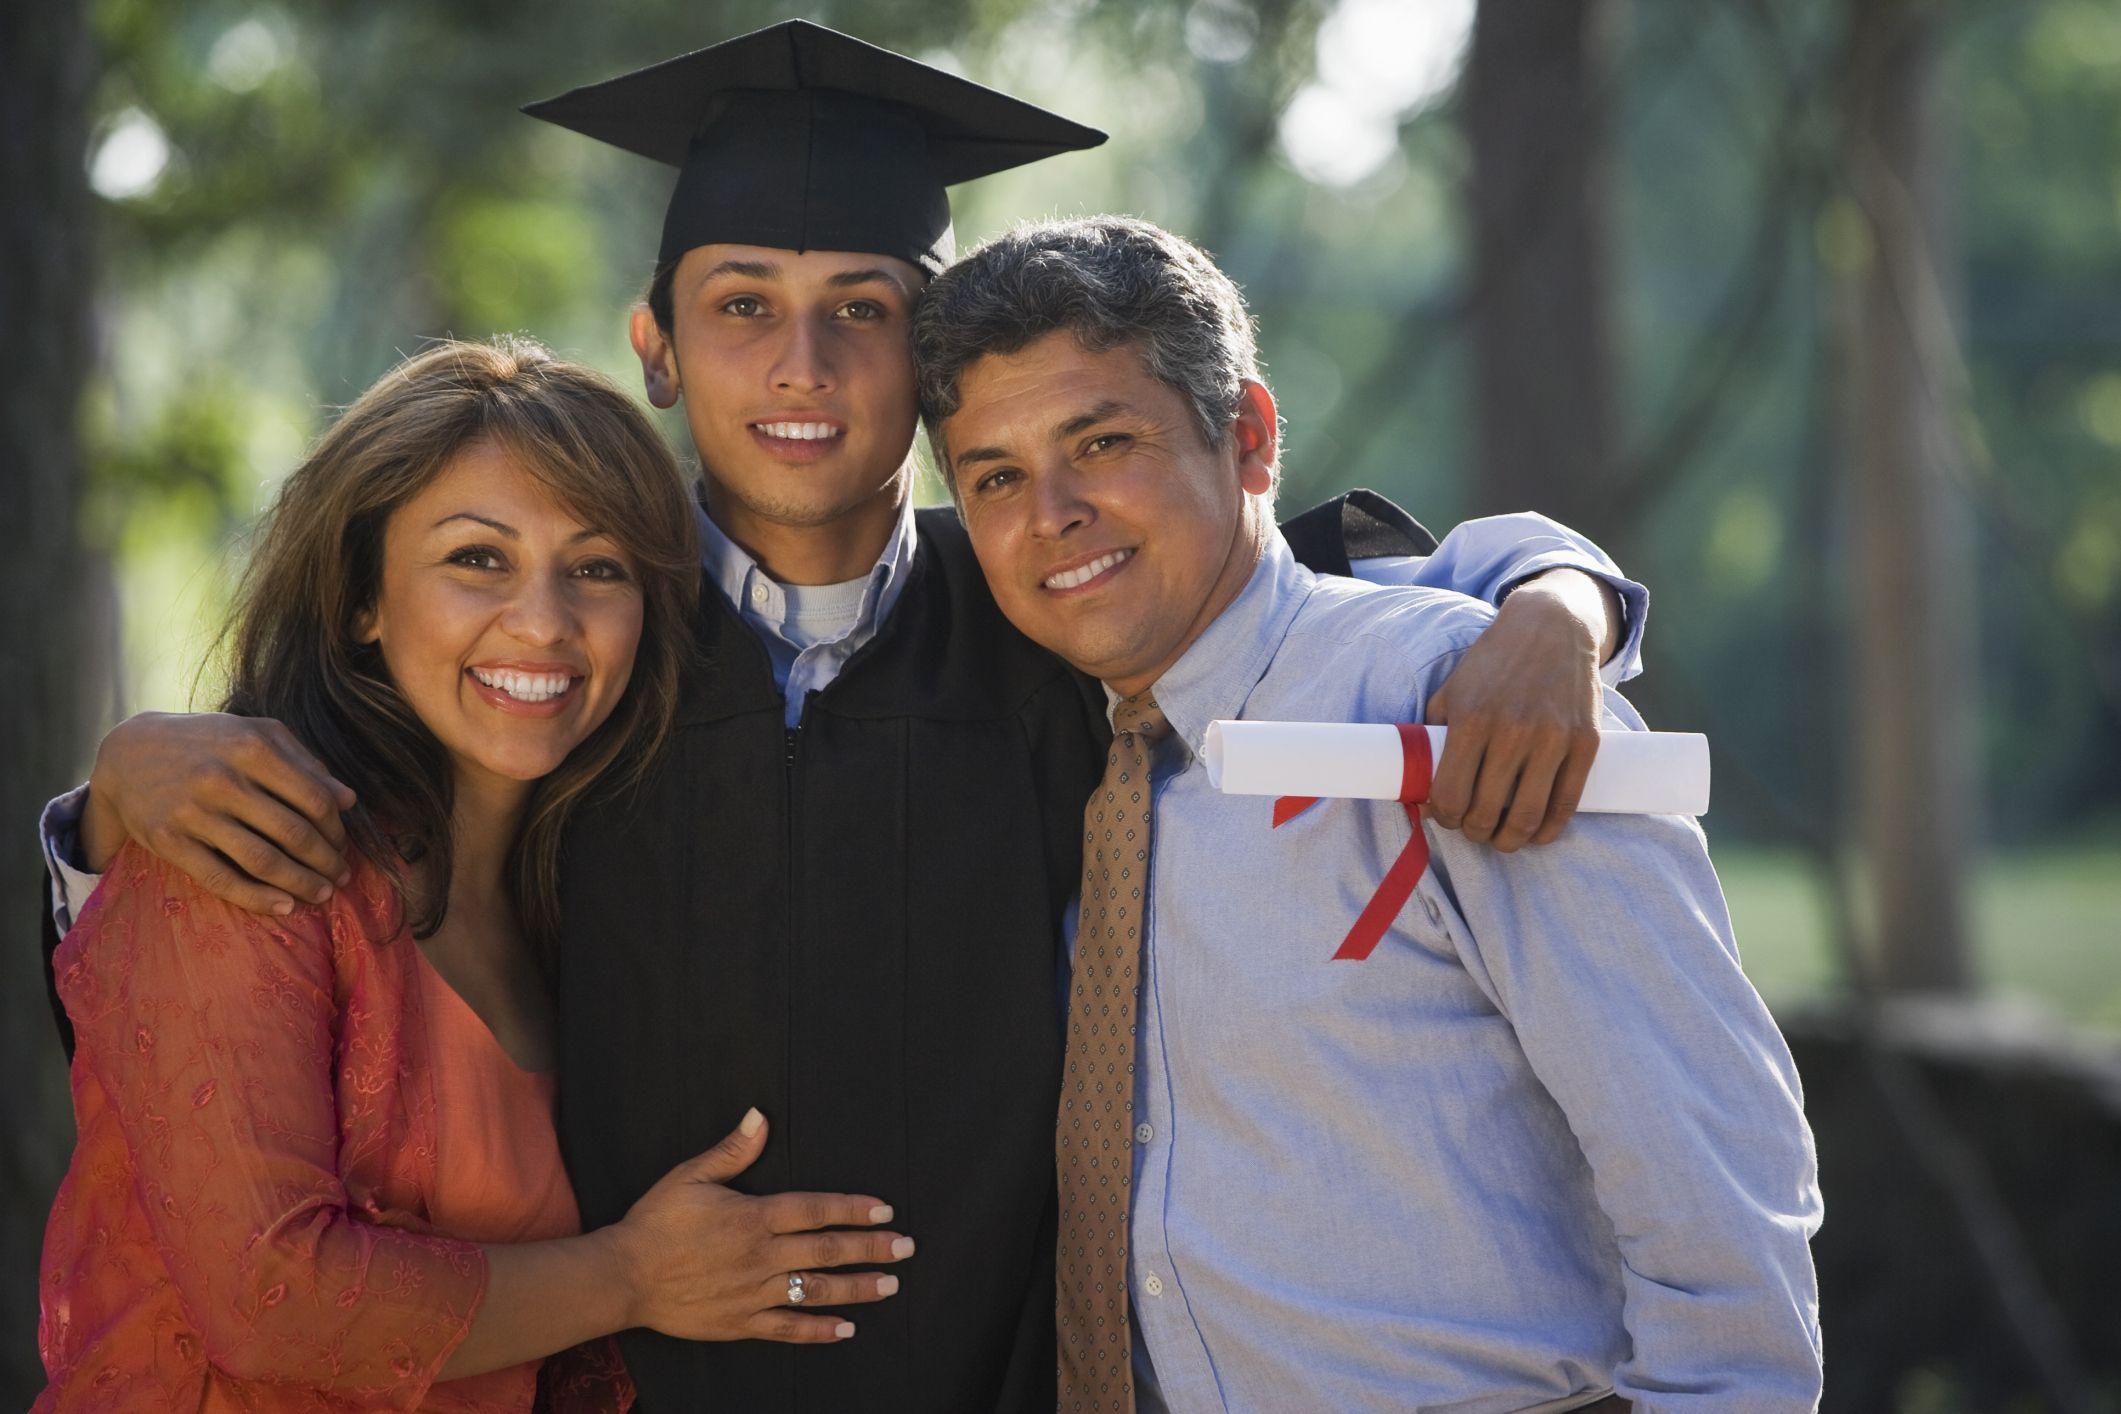 d288a4de936 Proper Attire for High School Graduation